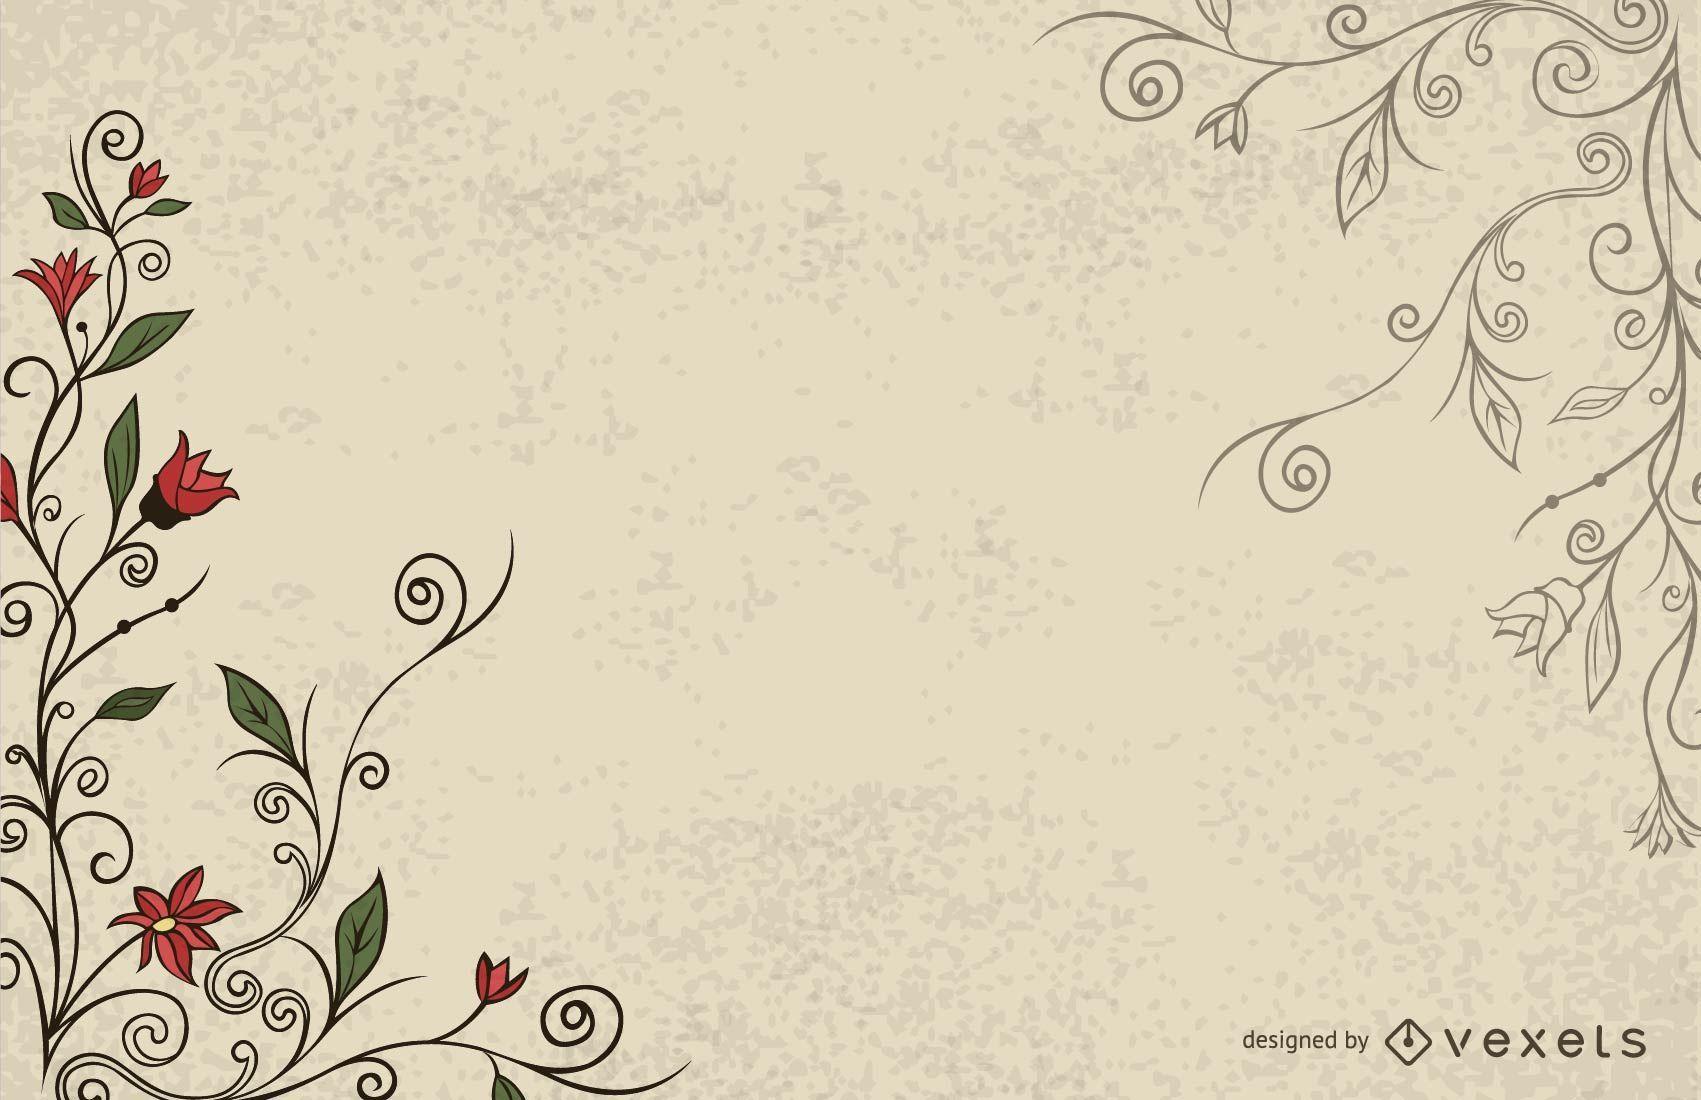 Simplistic Swirling Vintage Floral Background